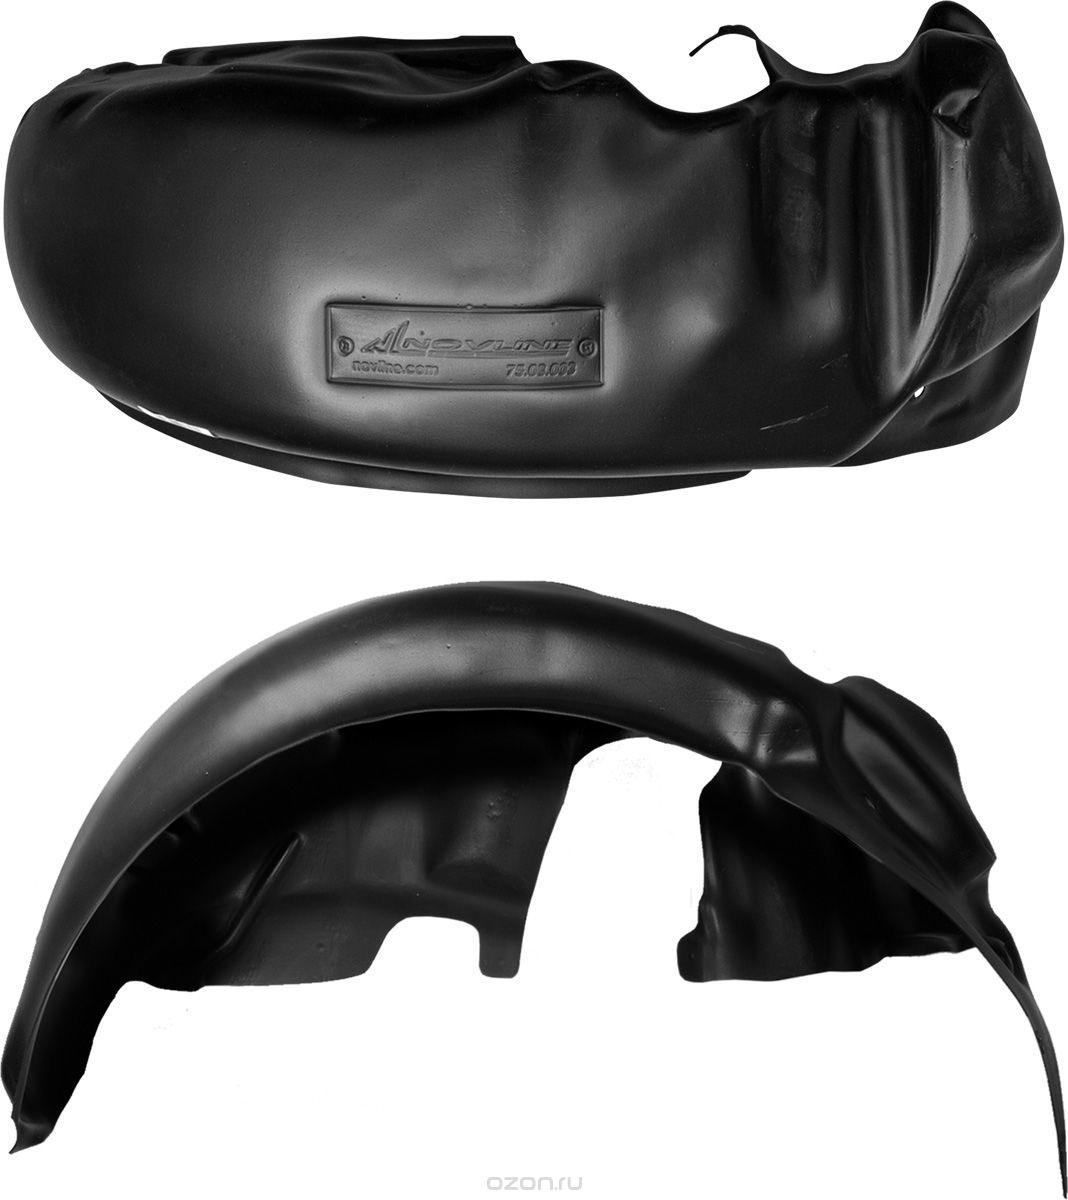 Подкрылок Novline-Autofamily, для MITSUBISHI Colt 3D 10/2009->, задний левый, NLL.35.21.003DW90Идеальная защита колесной ниши. Локеры разработаны с применением цифровых технологий, гарантируют максимальную повторяемость поверхности арки. Изделия устанавливаются без нарушения лакокрасочного покрытия автомобиля, каждый подкрылок комплектуется крепежом. Уважаемые клиенты, обращаем ваше внимание, что фотографии на подкрылки универсальные и не отражают реальную форму изделия. При этом само изделие идет точно под размер указанного автомобиля.